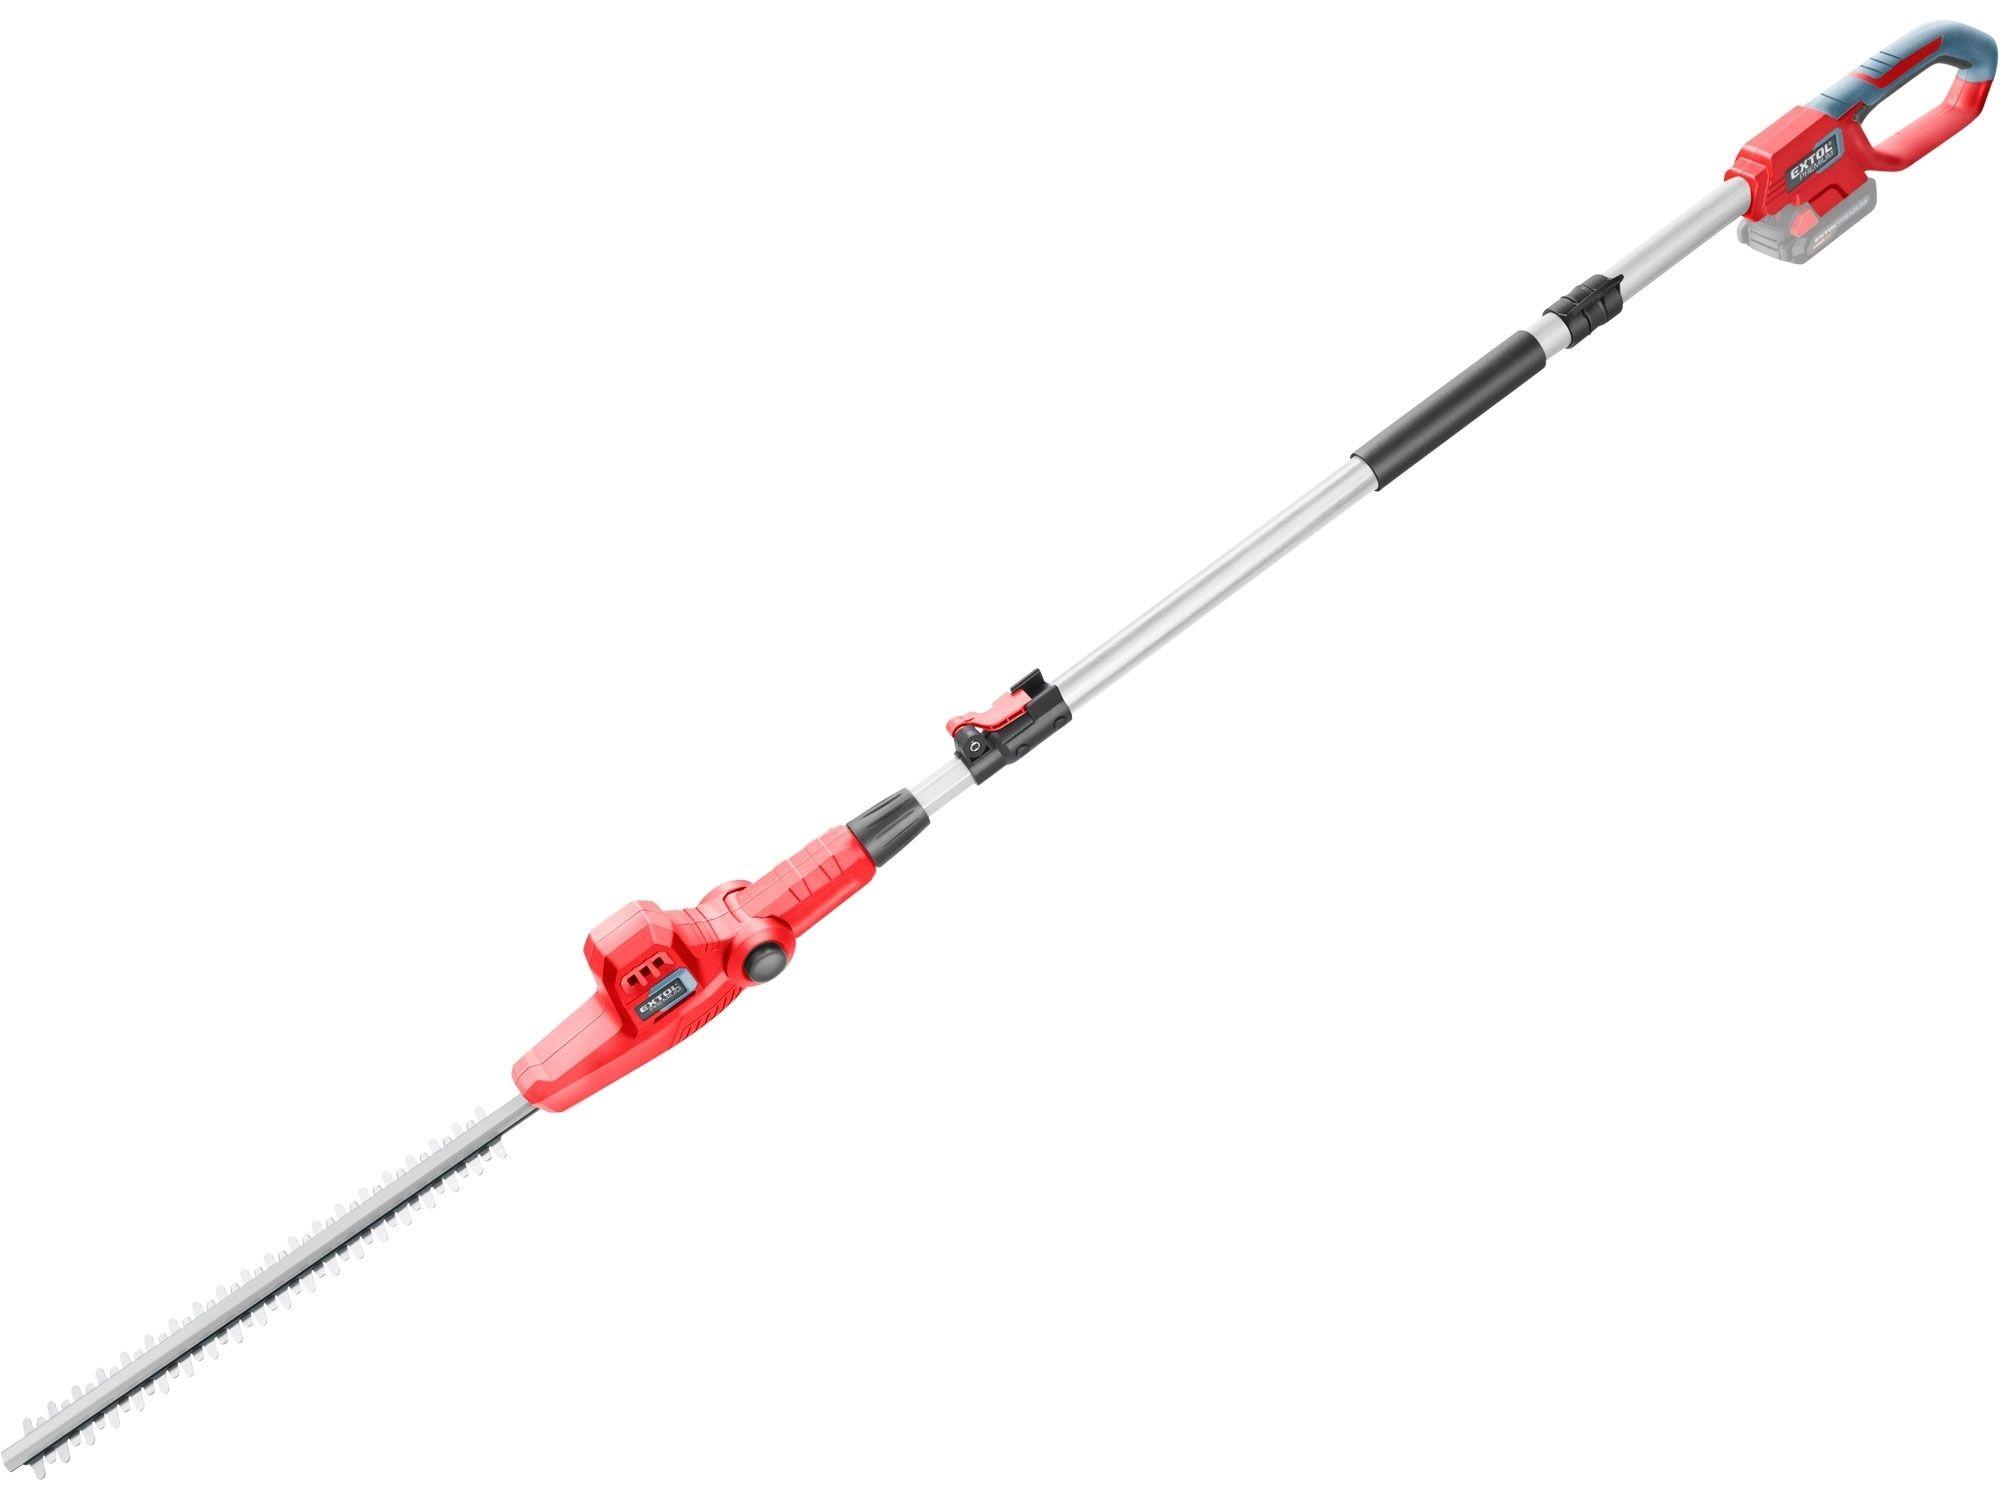 Nůžky na živé ploty aku, teleskopické 2,78m, 20V Li-ion, bez baterie a nabíječky